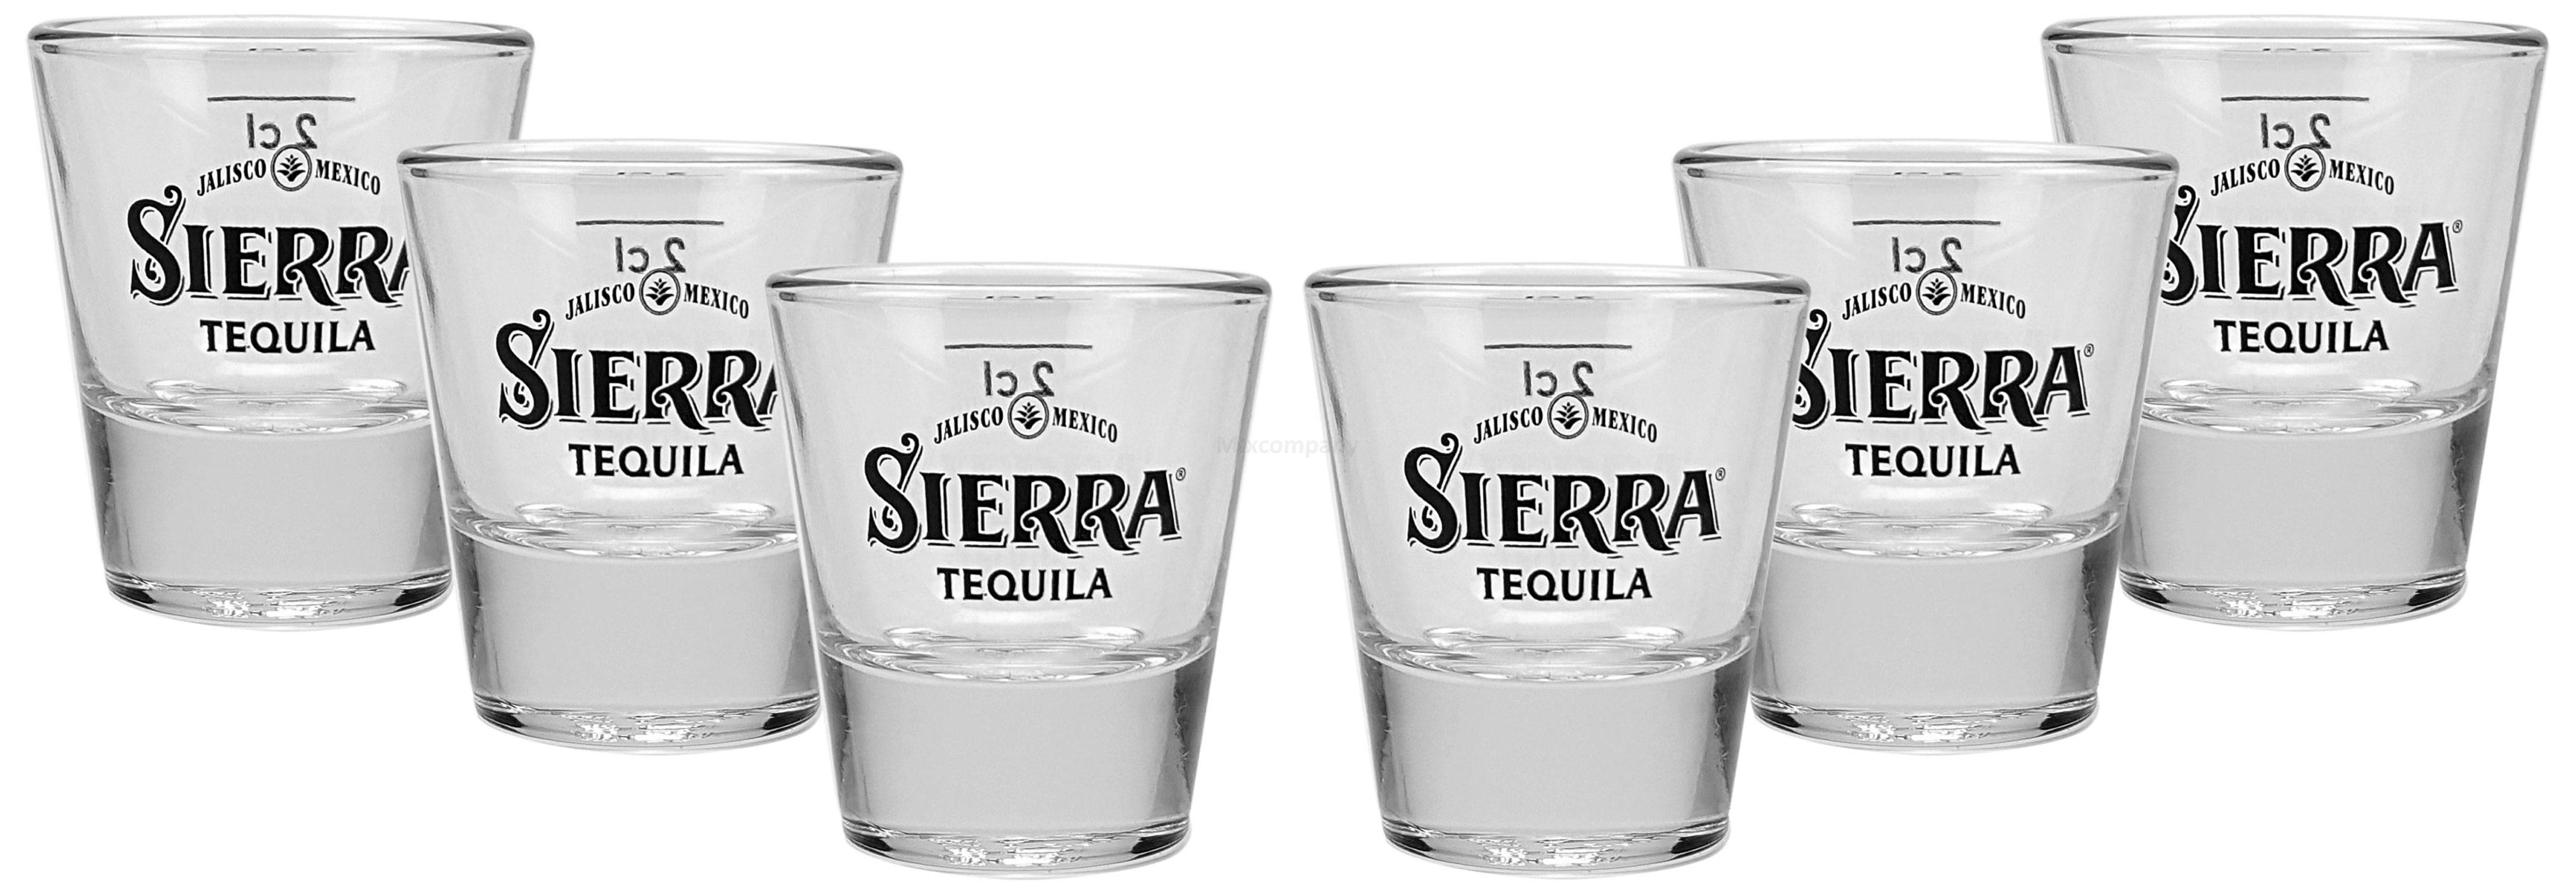 Sierra Tequila Shotglas Shotgläser Glas Gläser 2cl geeicht - 6er Set